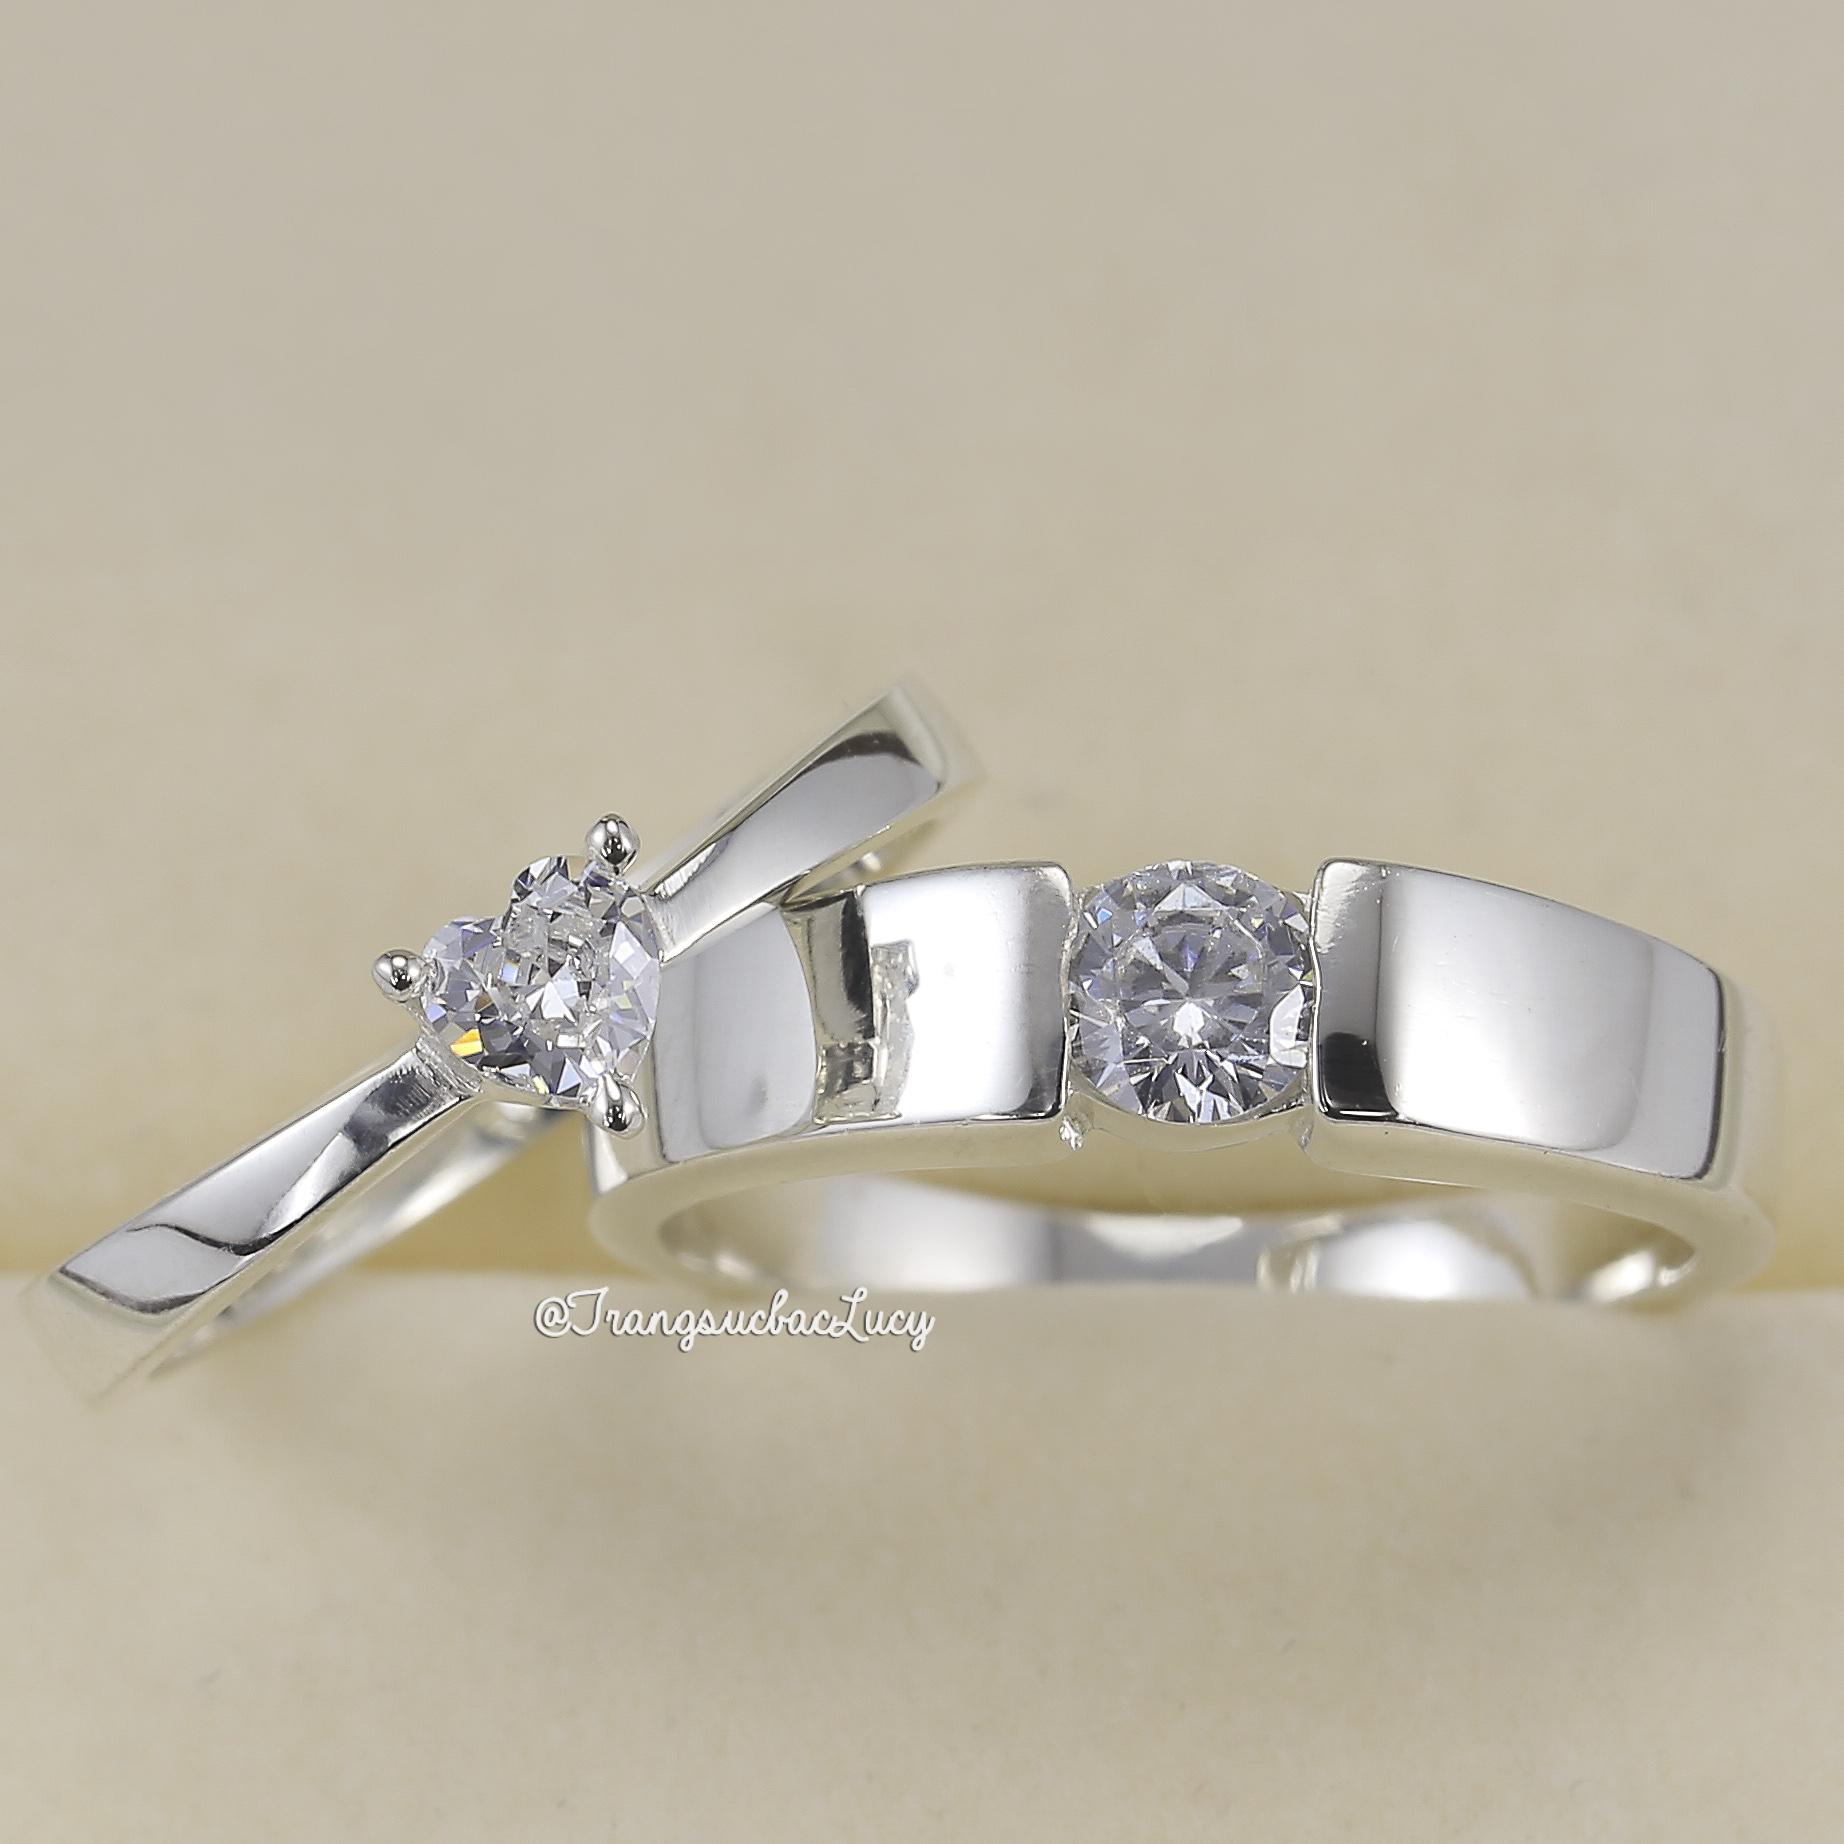 Nhẫn đôi nhẫn cặp bạc Lucy - ND052